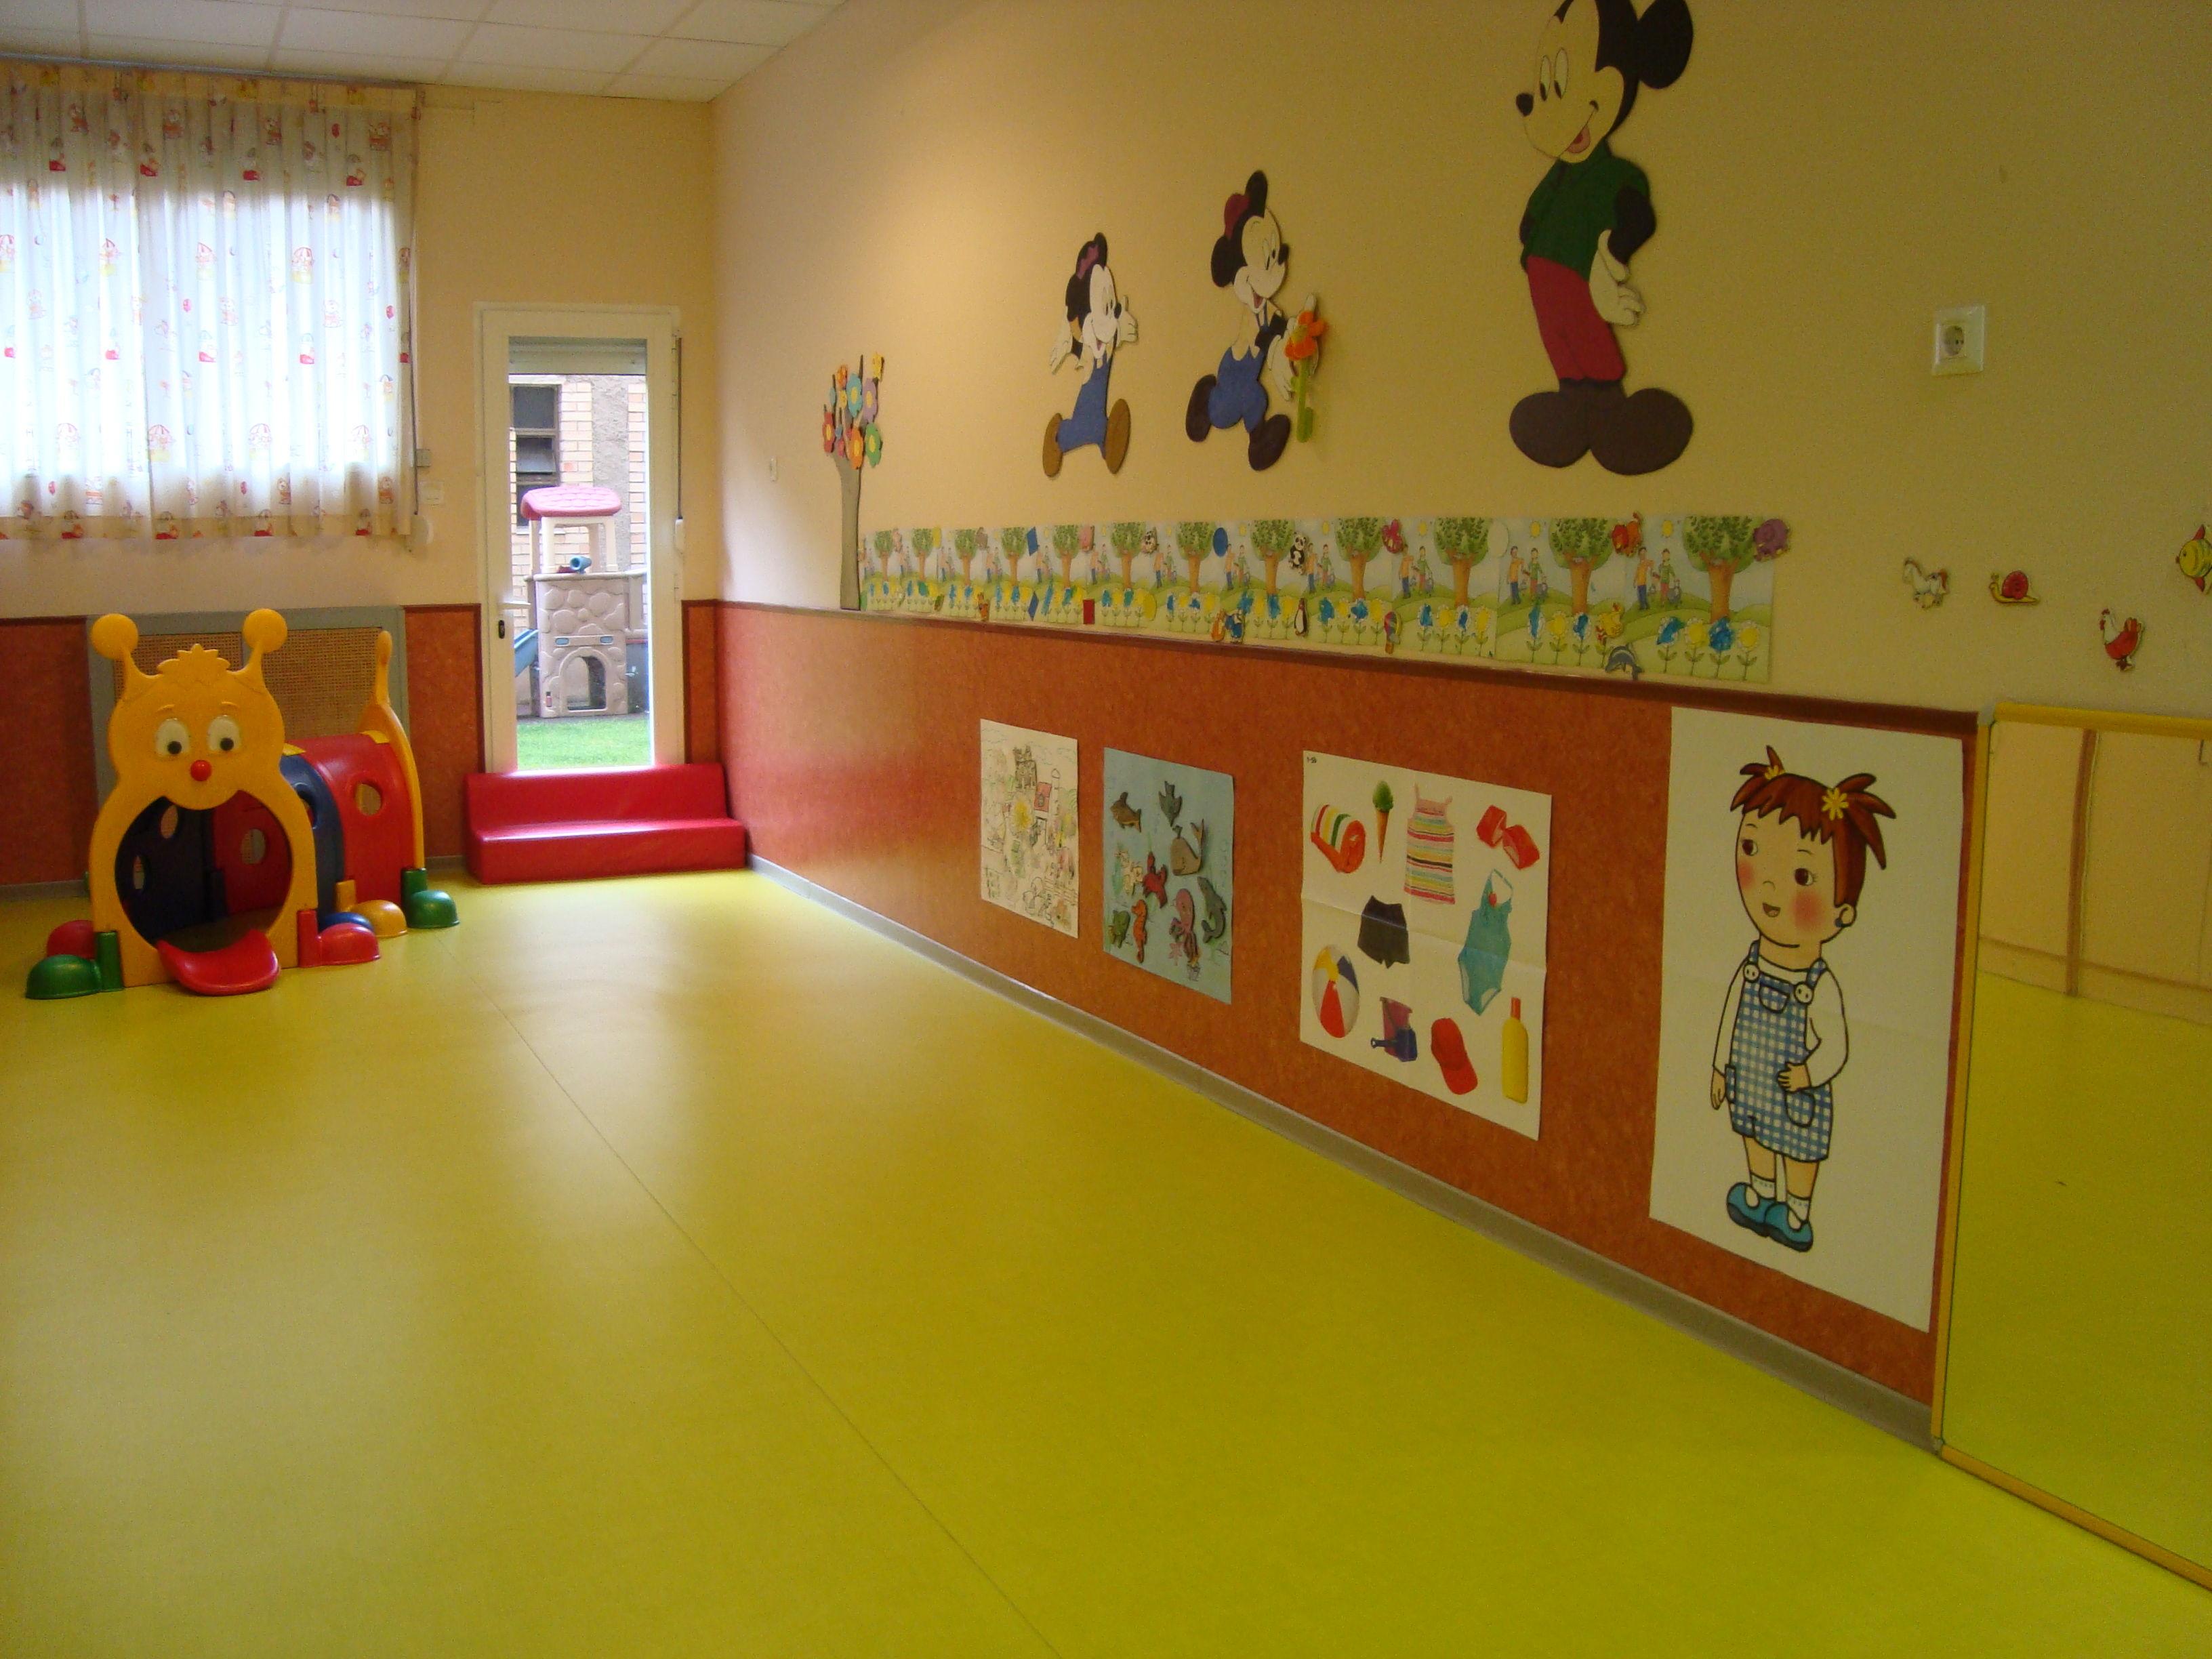 Foto 4 de Guarderías y Escuelas infantiles en Logroño | Centro de Educacion Infantil El Parque